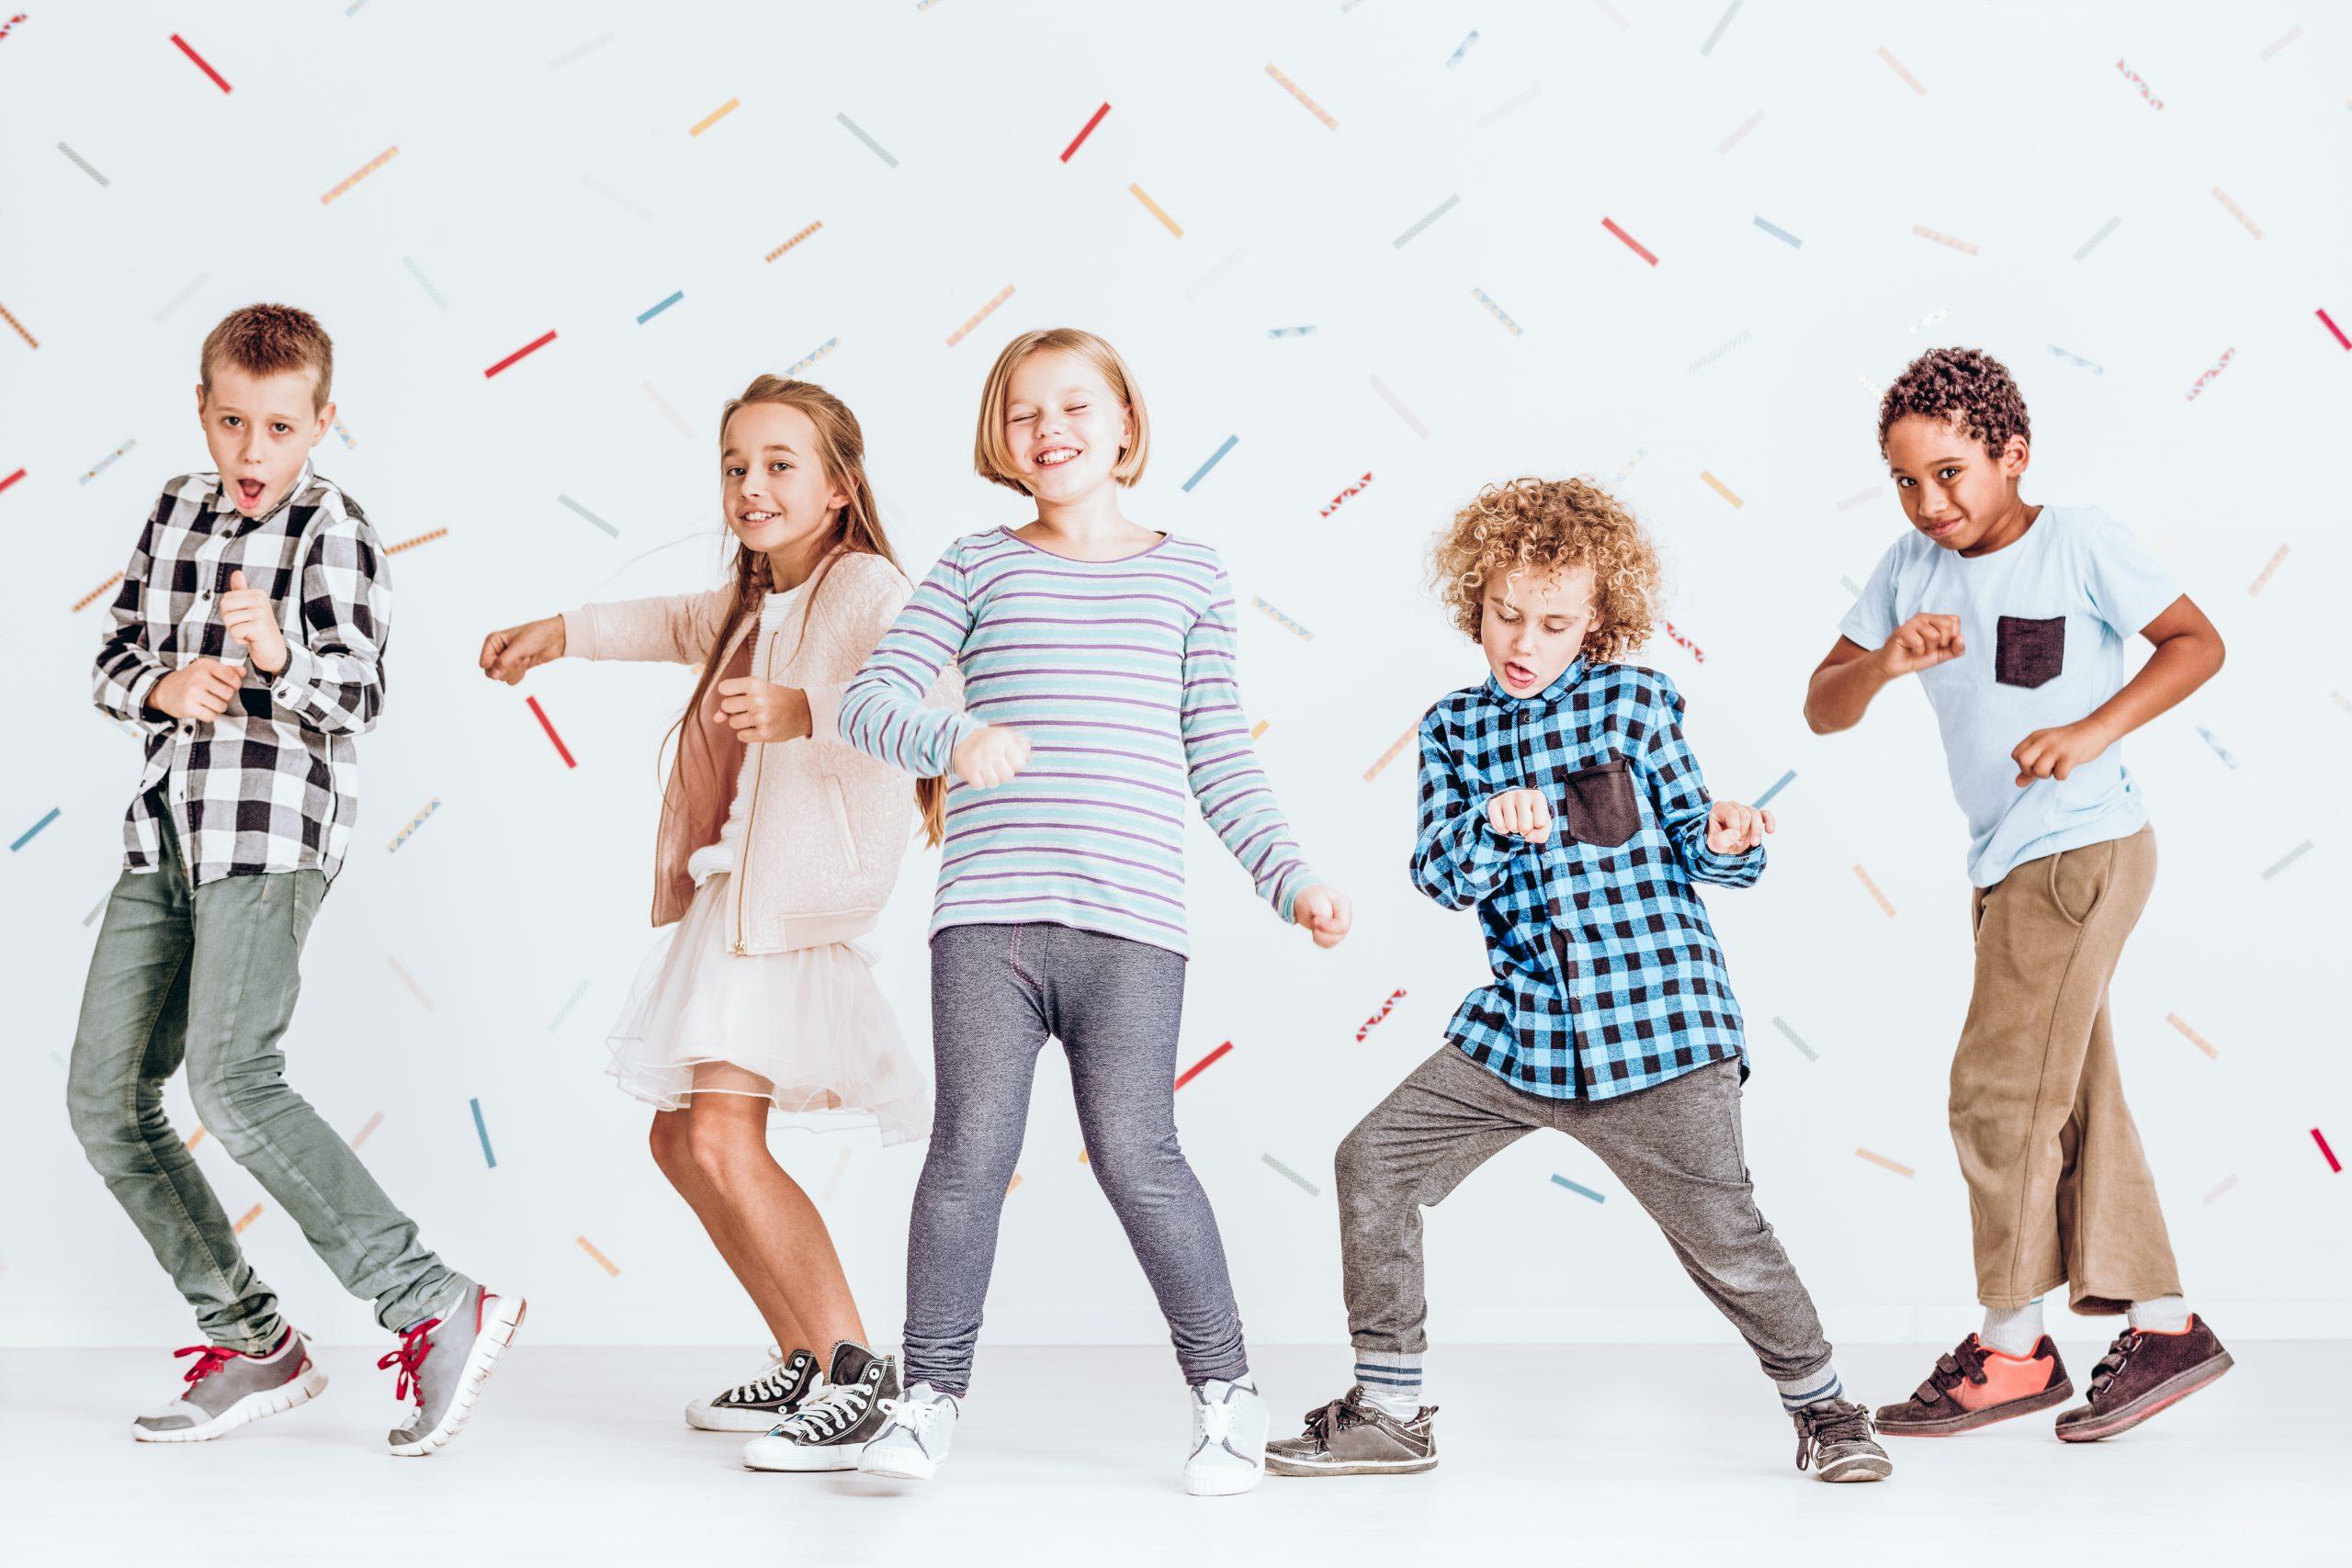 Dance Unit Design in PE